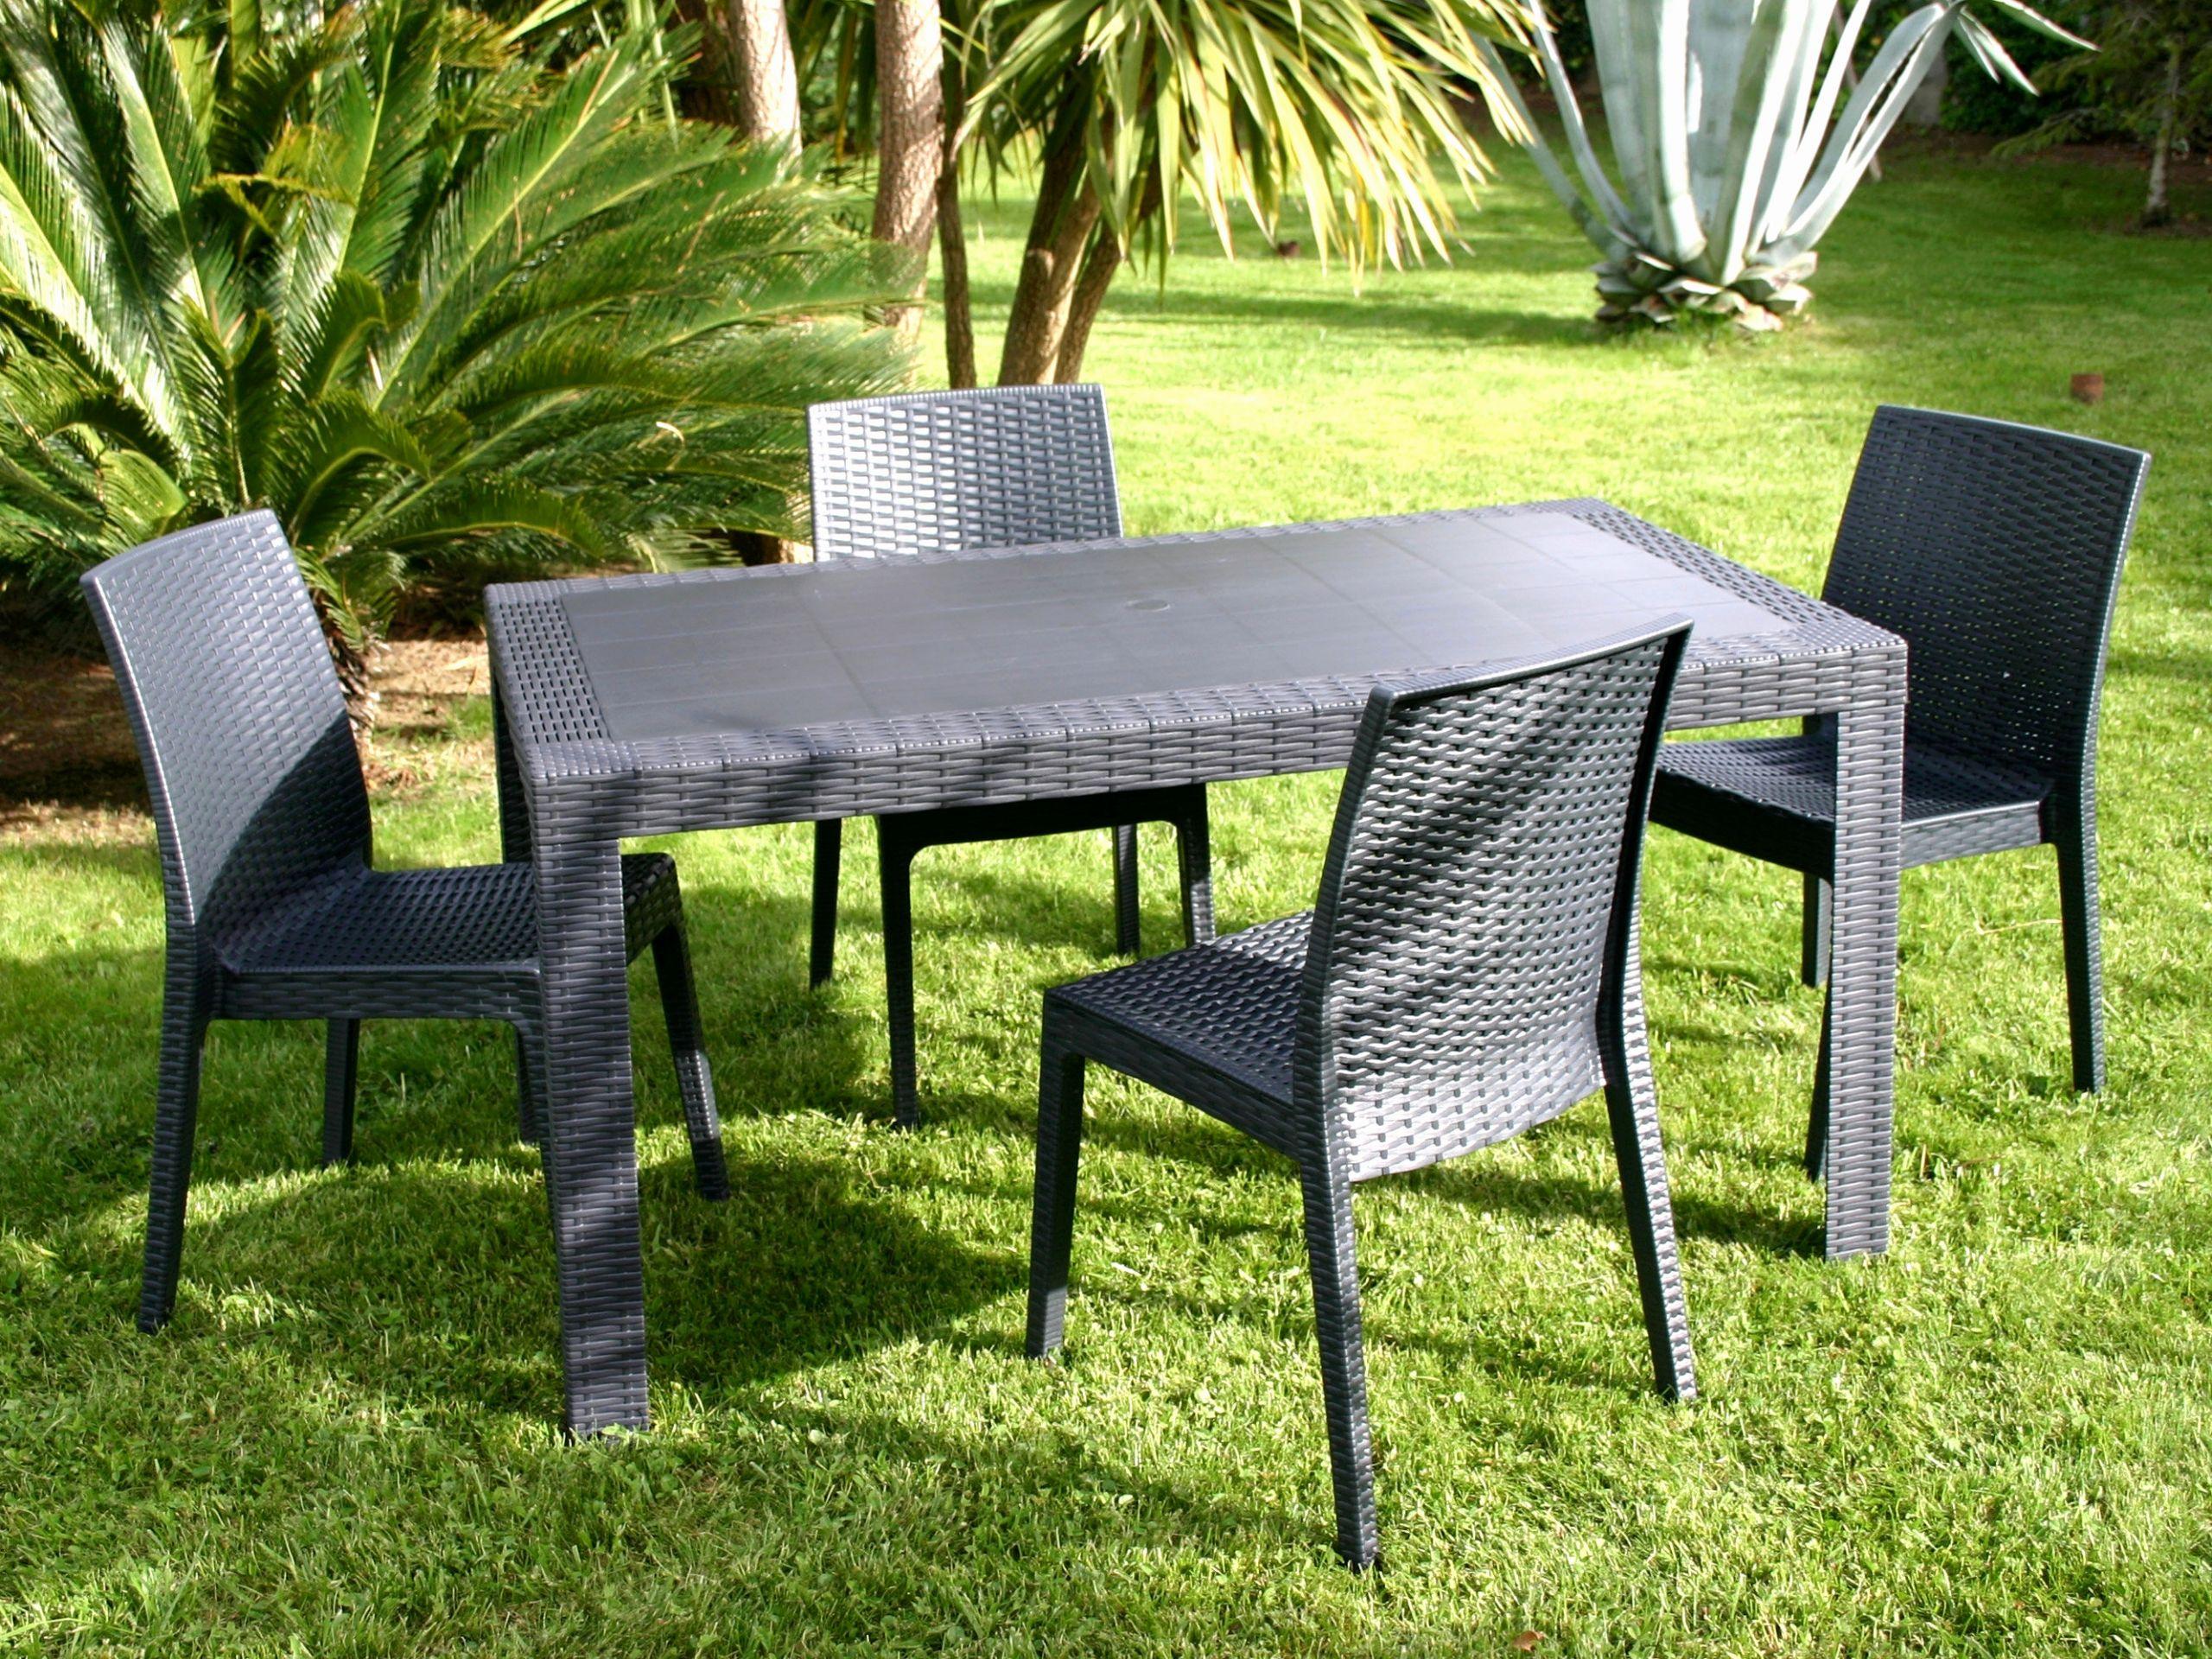 Table Exterieur Carrefour Best Of Catalogue Carrefour Abris ... serapportantà Salon De Jardin Gifi Catalogue